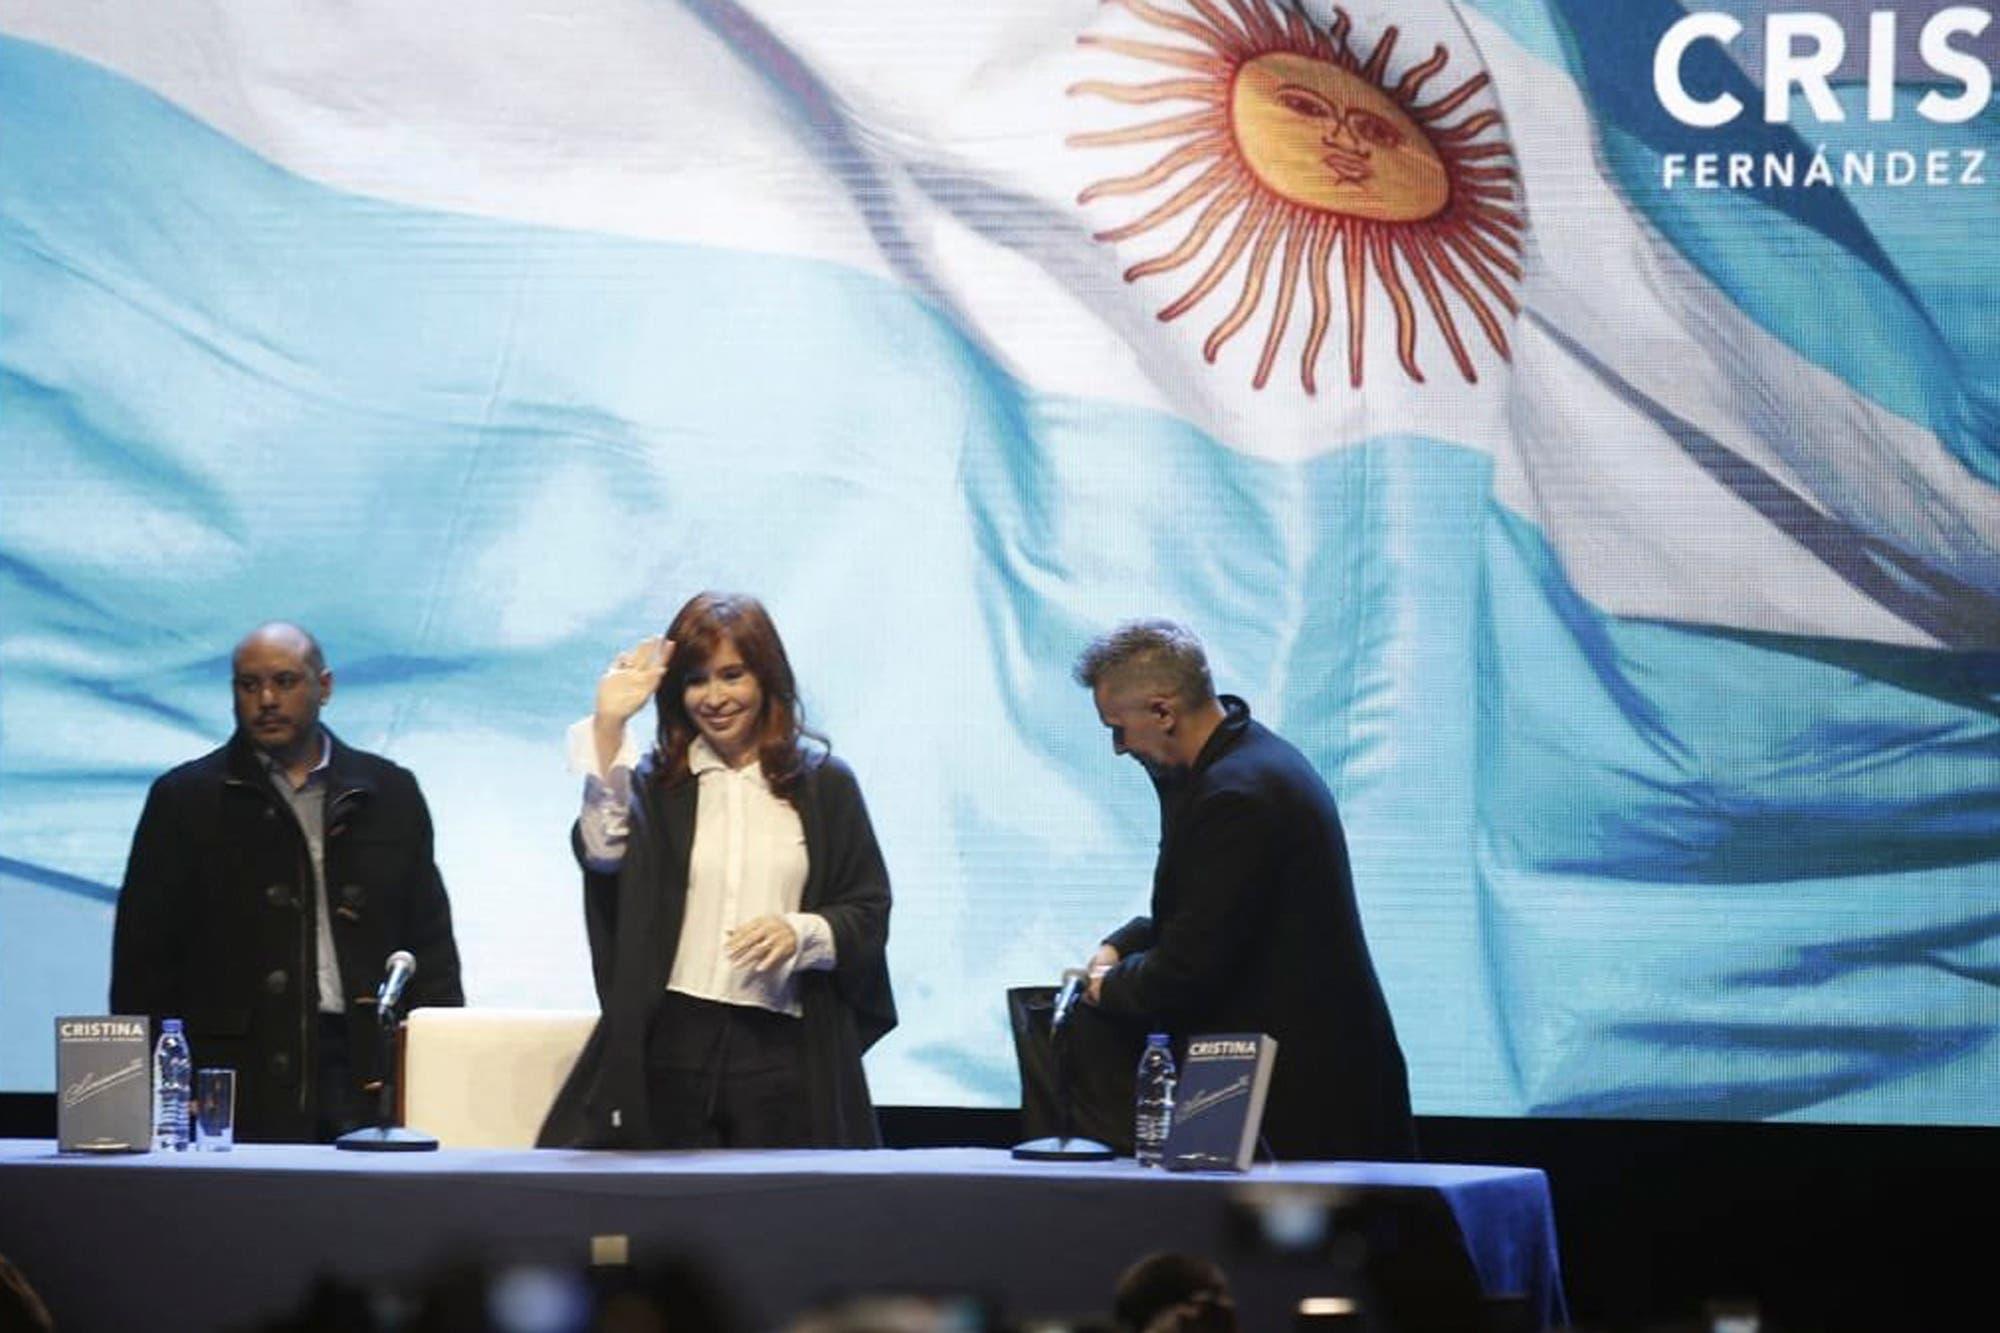 Tras la acusación de Cristina Kirchner a Luis Novaresio, Adepa destacó el rol de las entrevistas periodísticas en democracia